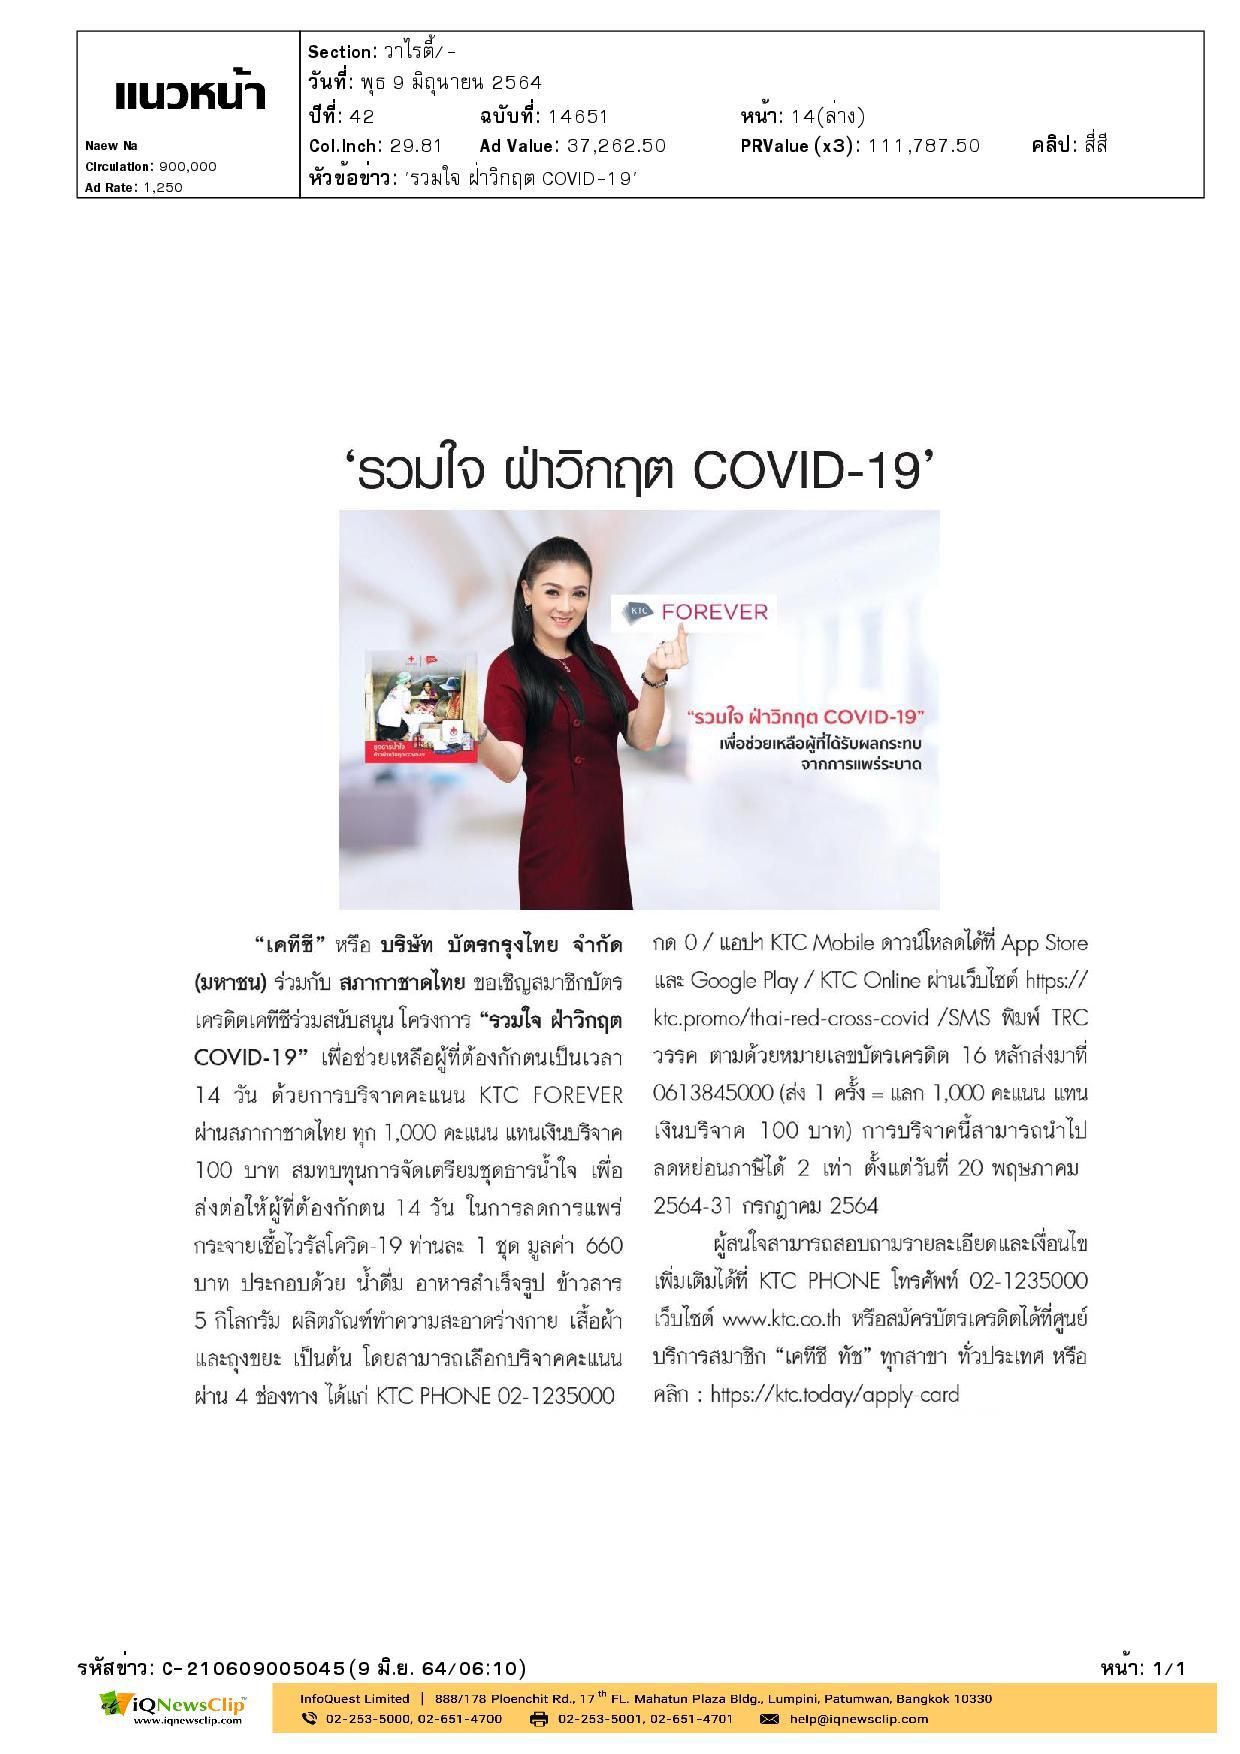 """สภากาชาดไทย เชิญสมาชิกบัตรเครดิตเคทีซีร่วมสนับสนุนโครงการ """"รวมใจ ฝ่าวิกฤติ COVID-19"""""""